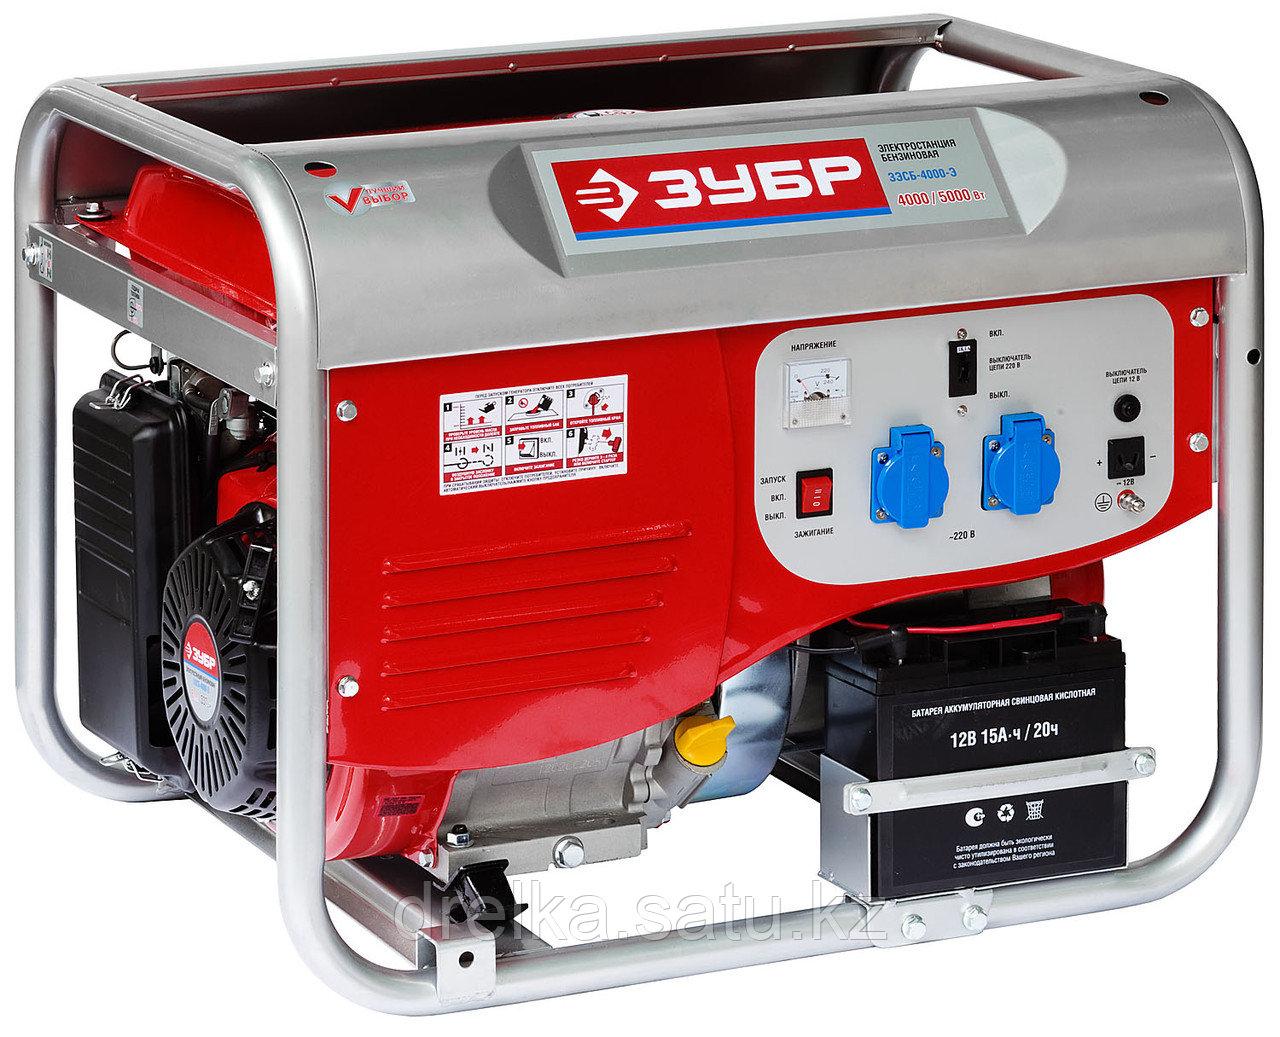 Бензиновый электрогенератор ЗУБР ЗЭСБ-4000-Э, двигатель 4-х тактный, ручной и электрический пуск, 220/12В